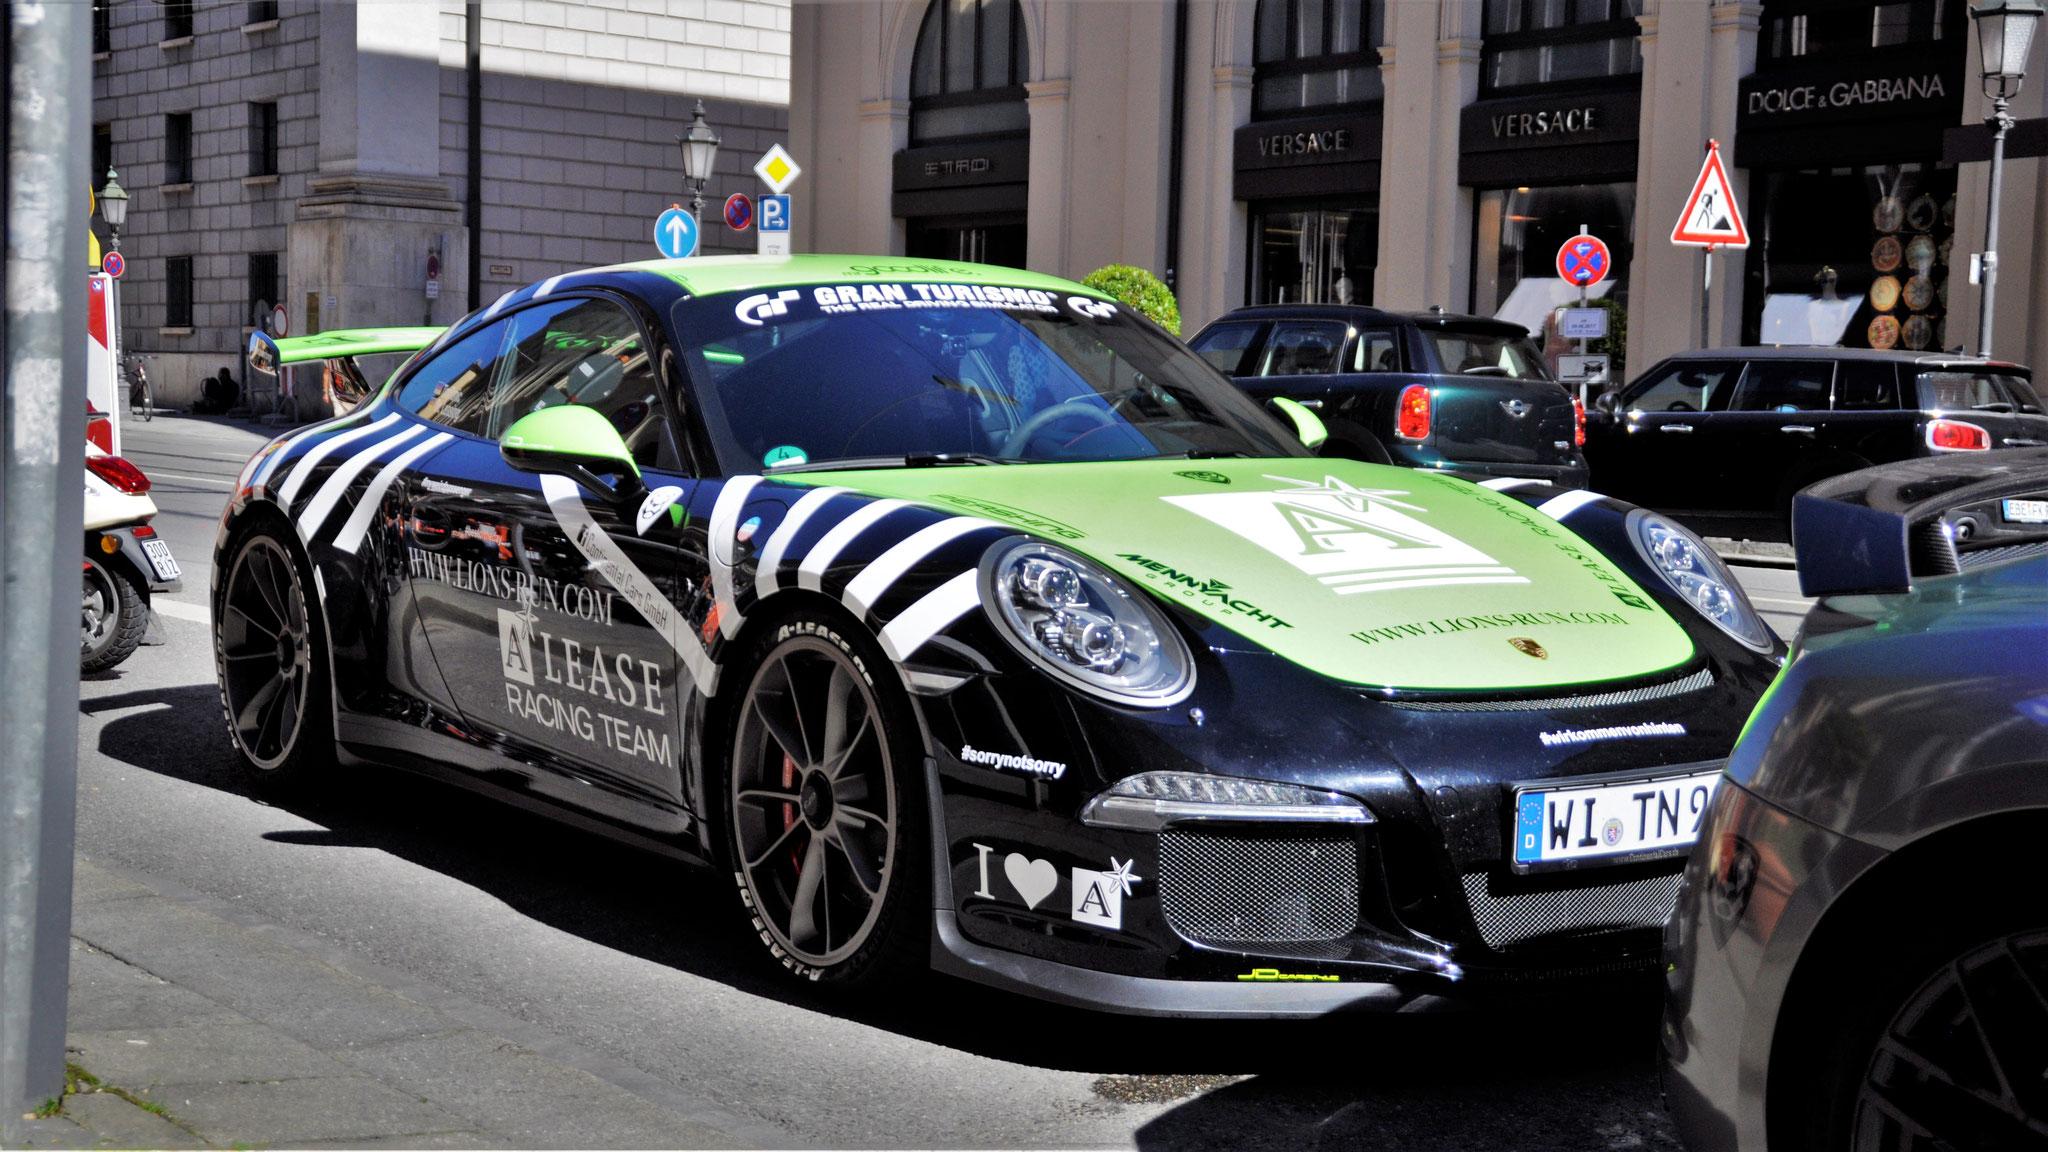 Porsche 991 GT3 - WI-TN-991